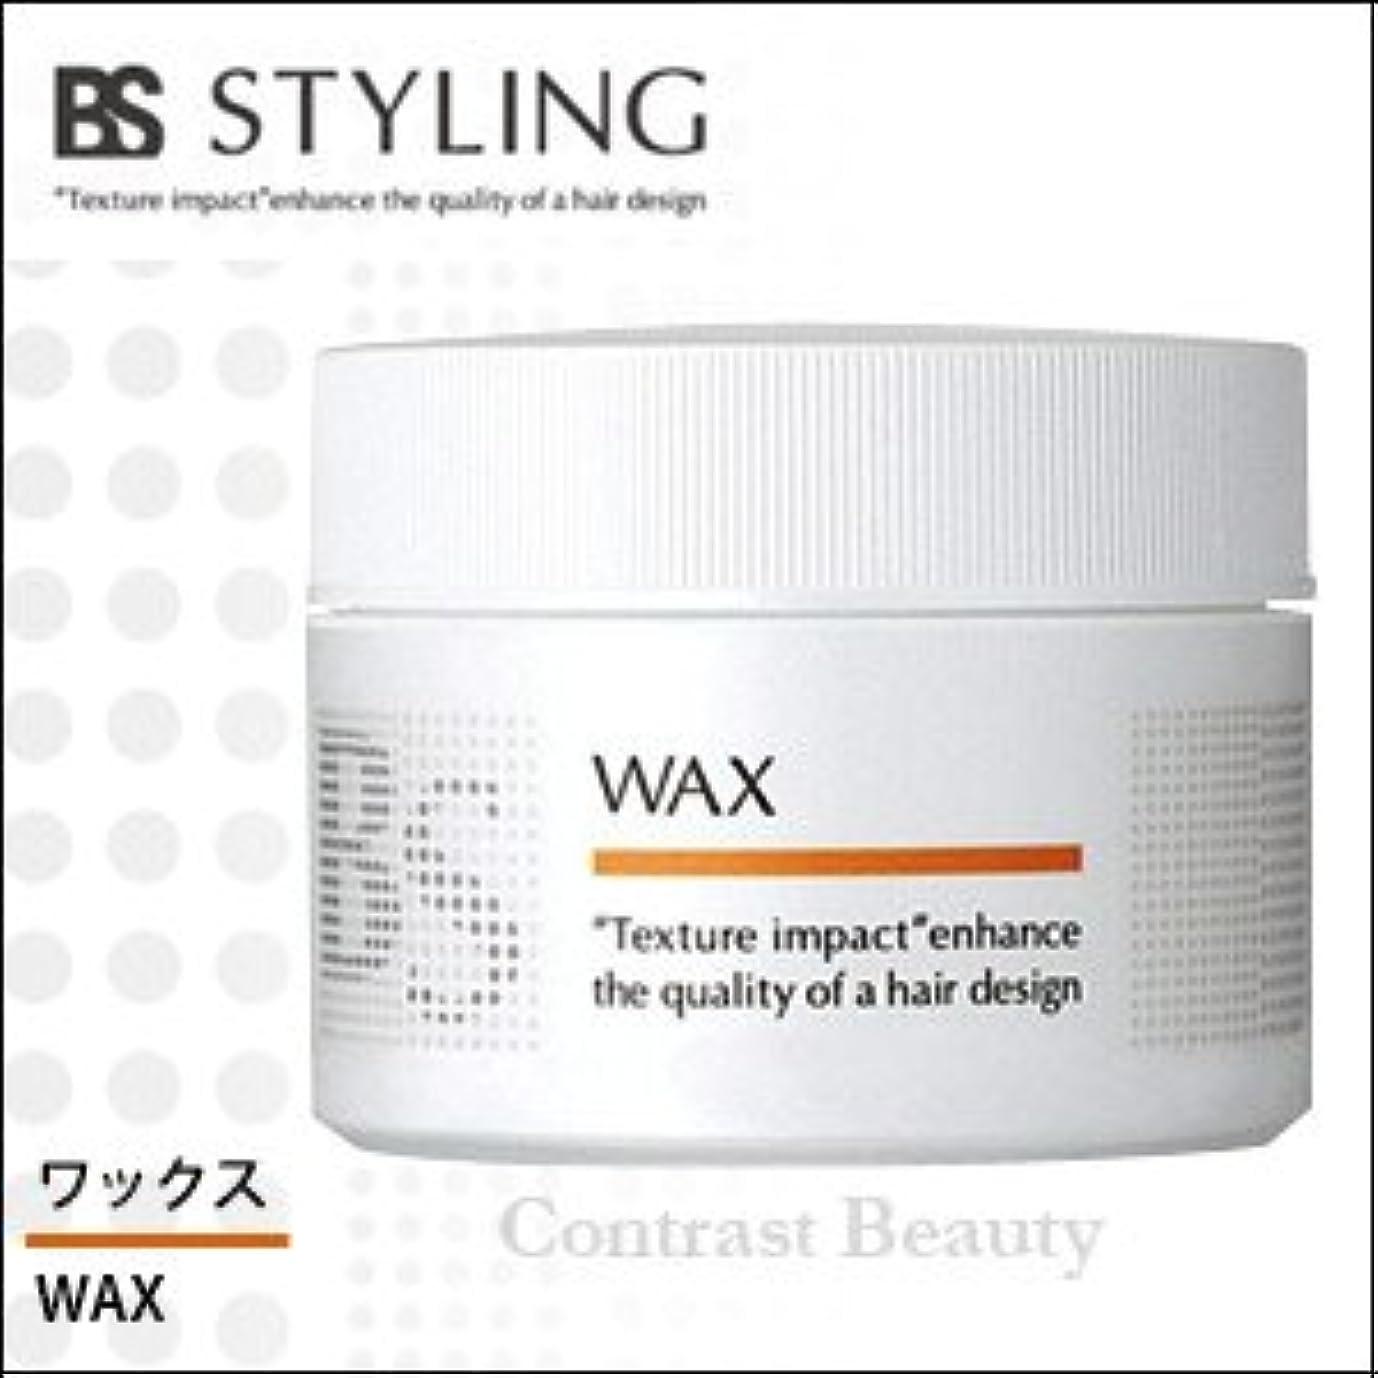 剥離エイズオーバーフロー【x2個セット】 アリミノ BS STYLING WAX 110g